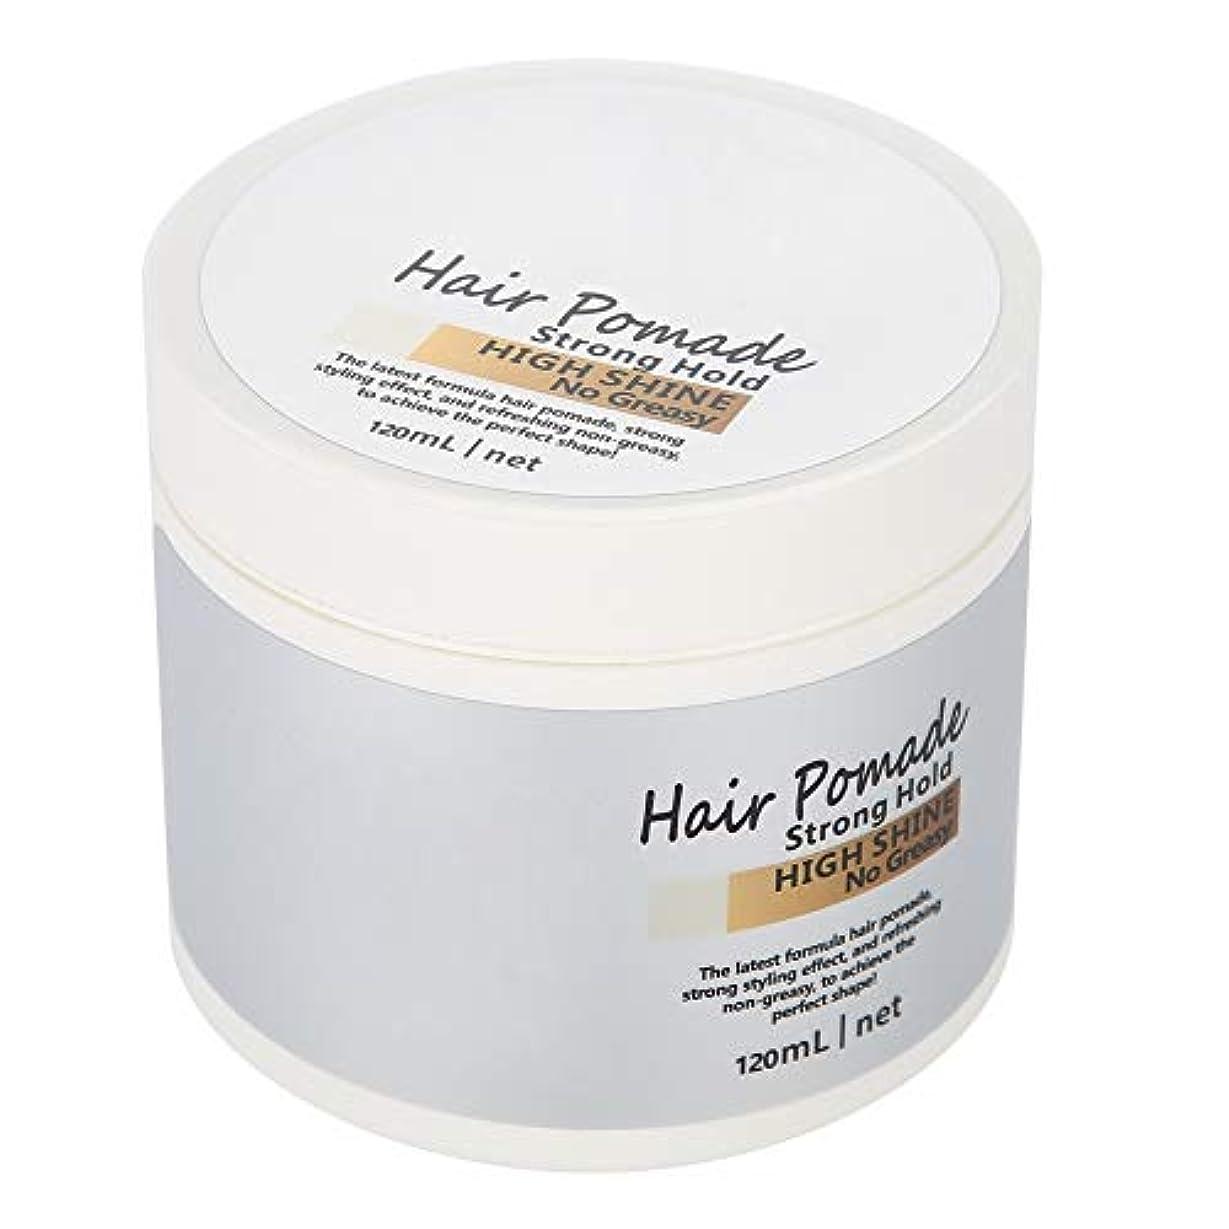 倉庫ピザ弱点ヘアワックス、ファッション男性の光沢のあるヘアスタイリングクレイハイストロングホールドモデリングヘアポマードワックスレトロヘアスタイル120ミリリットルを作成する